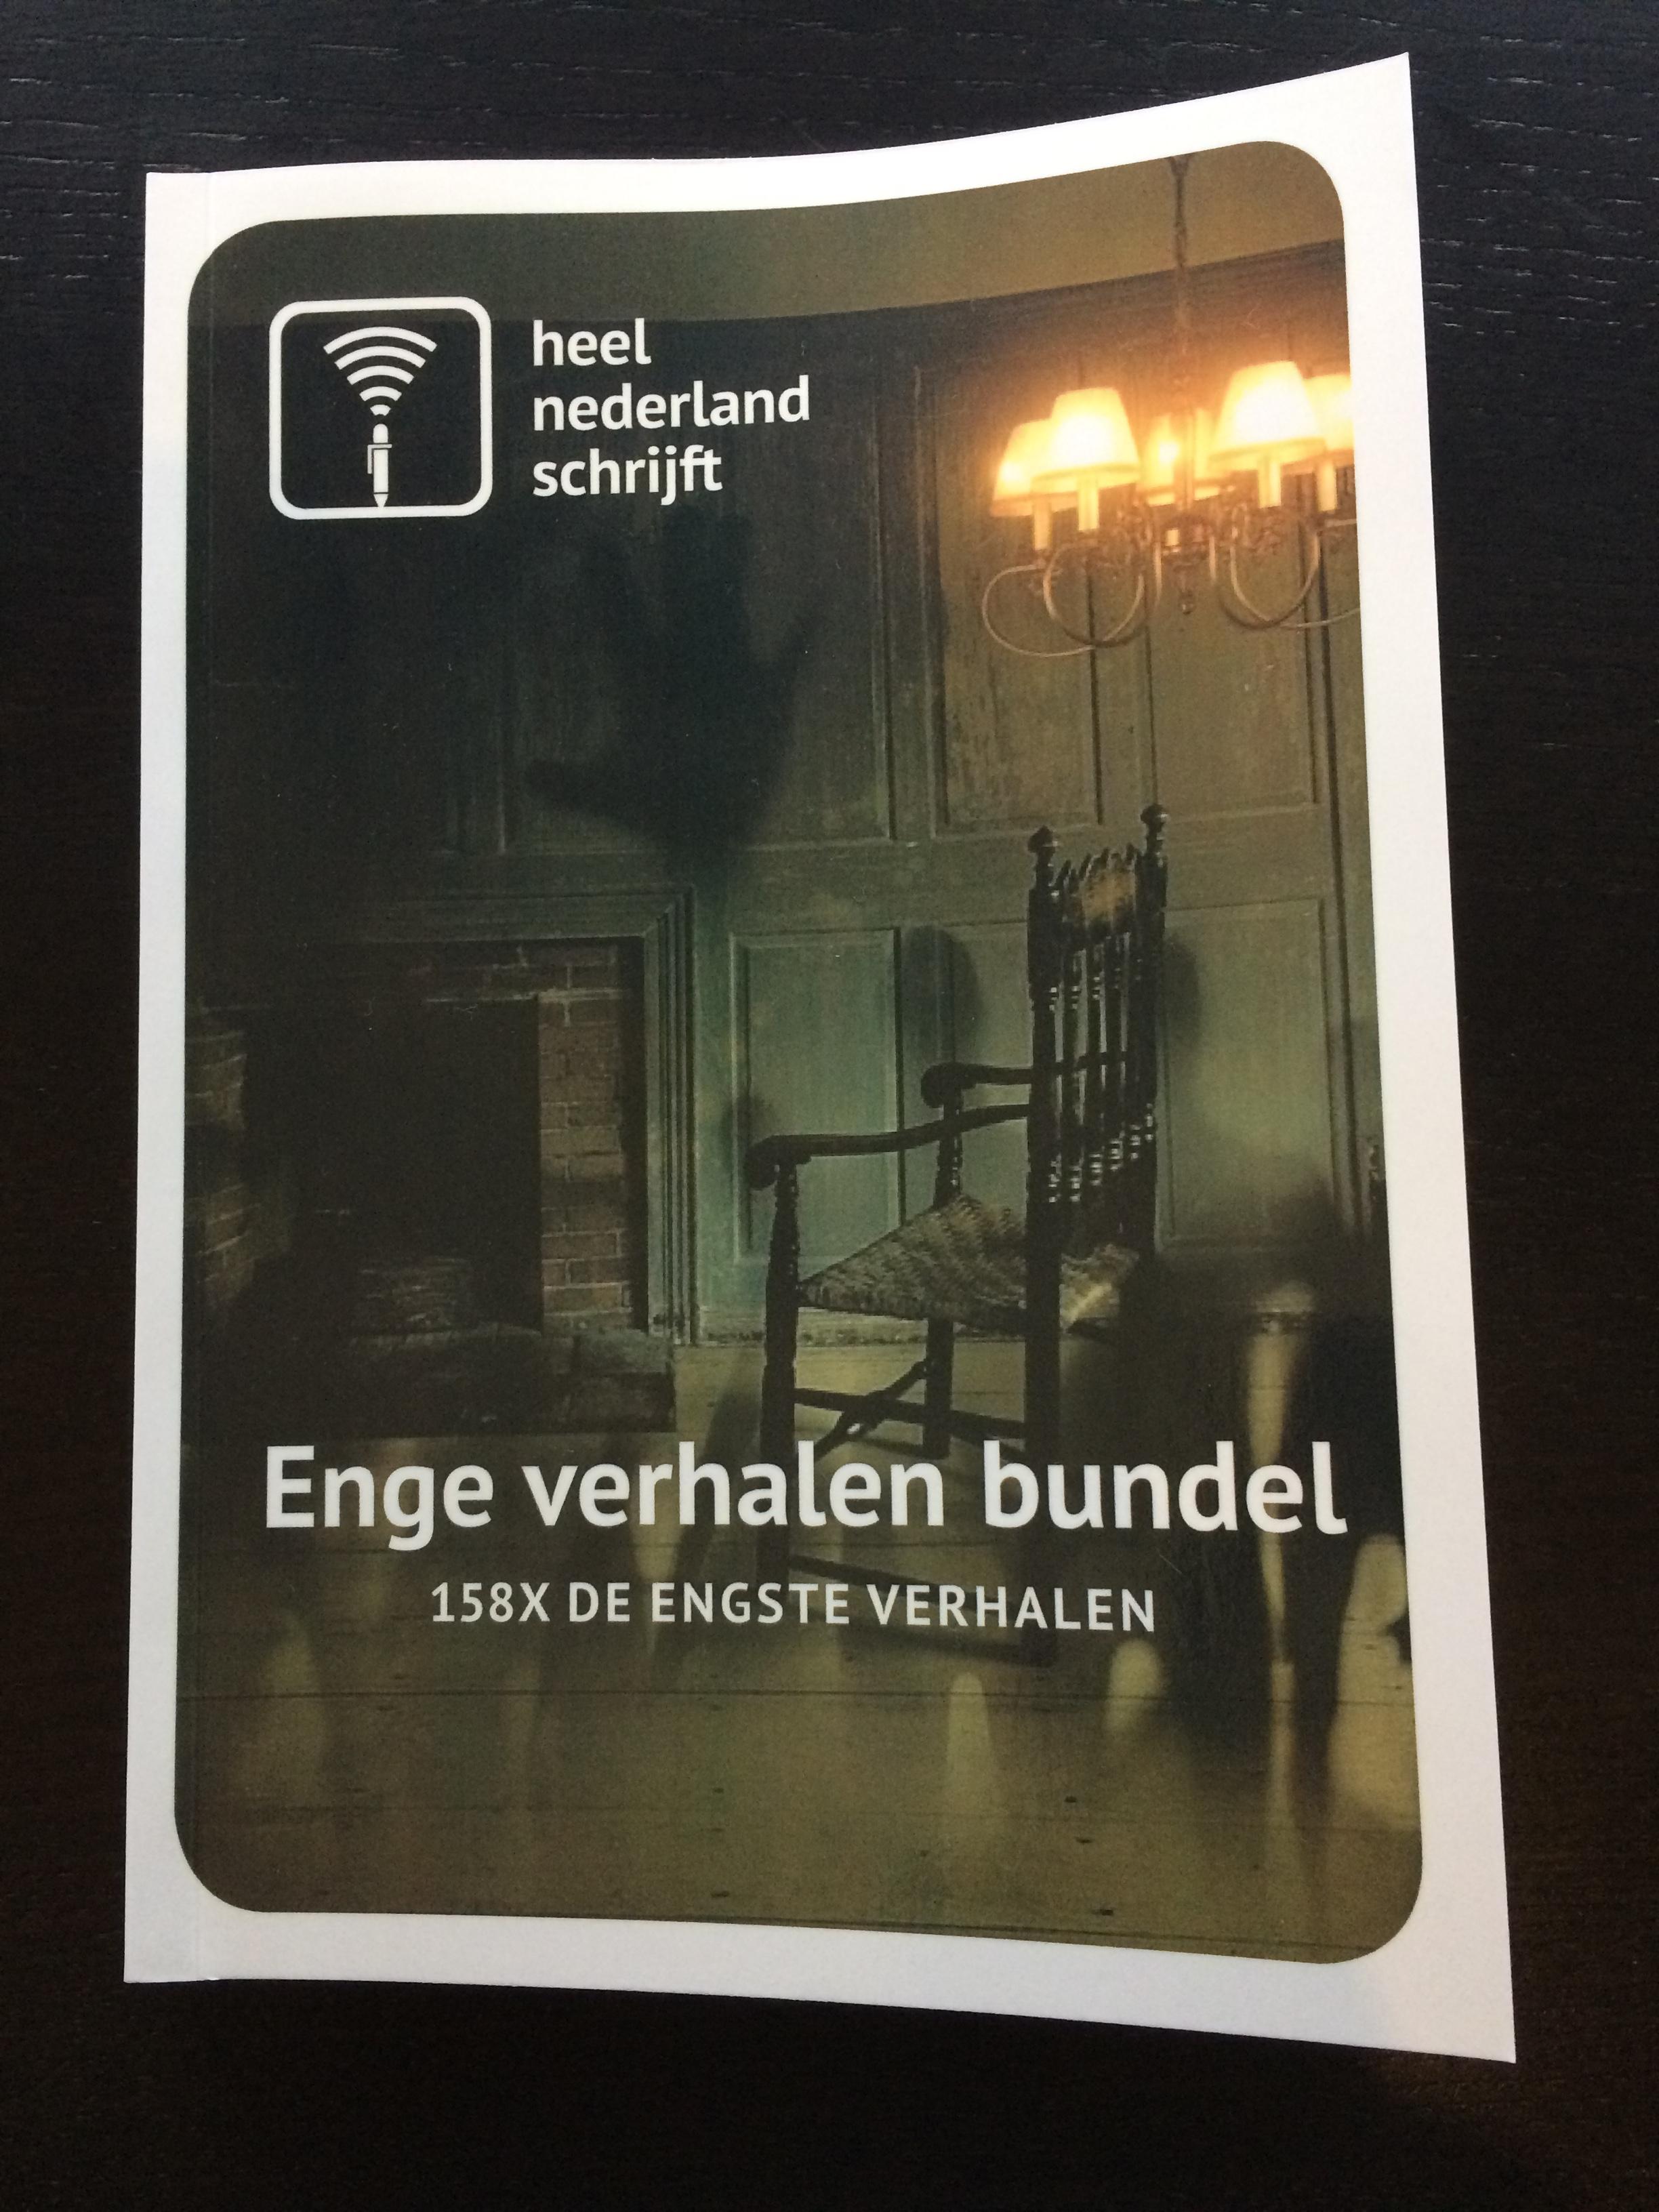 etentje veilen.nl